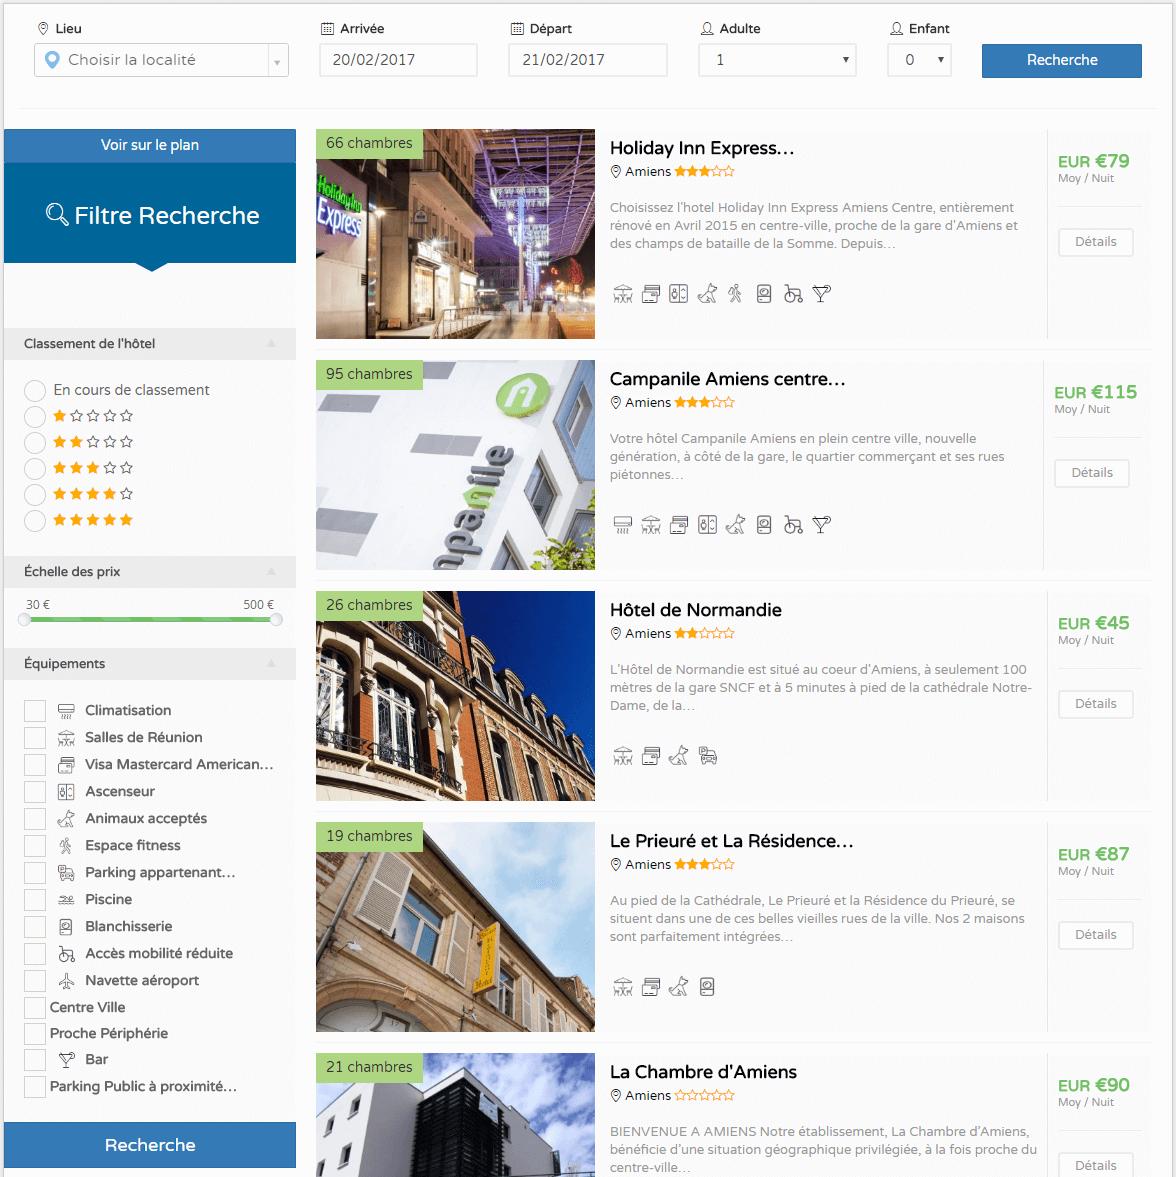 Système de recherche sur Hotels Amiens